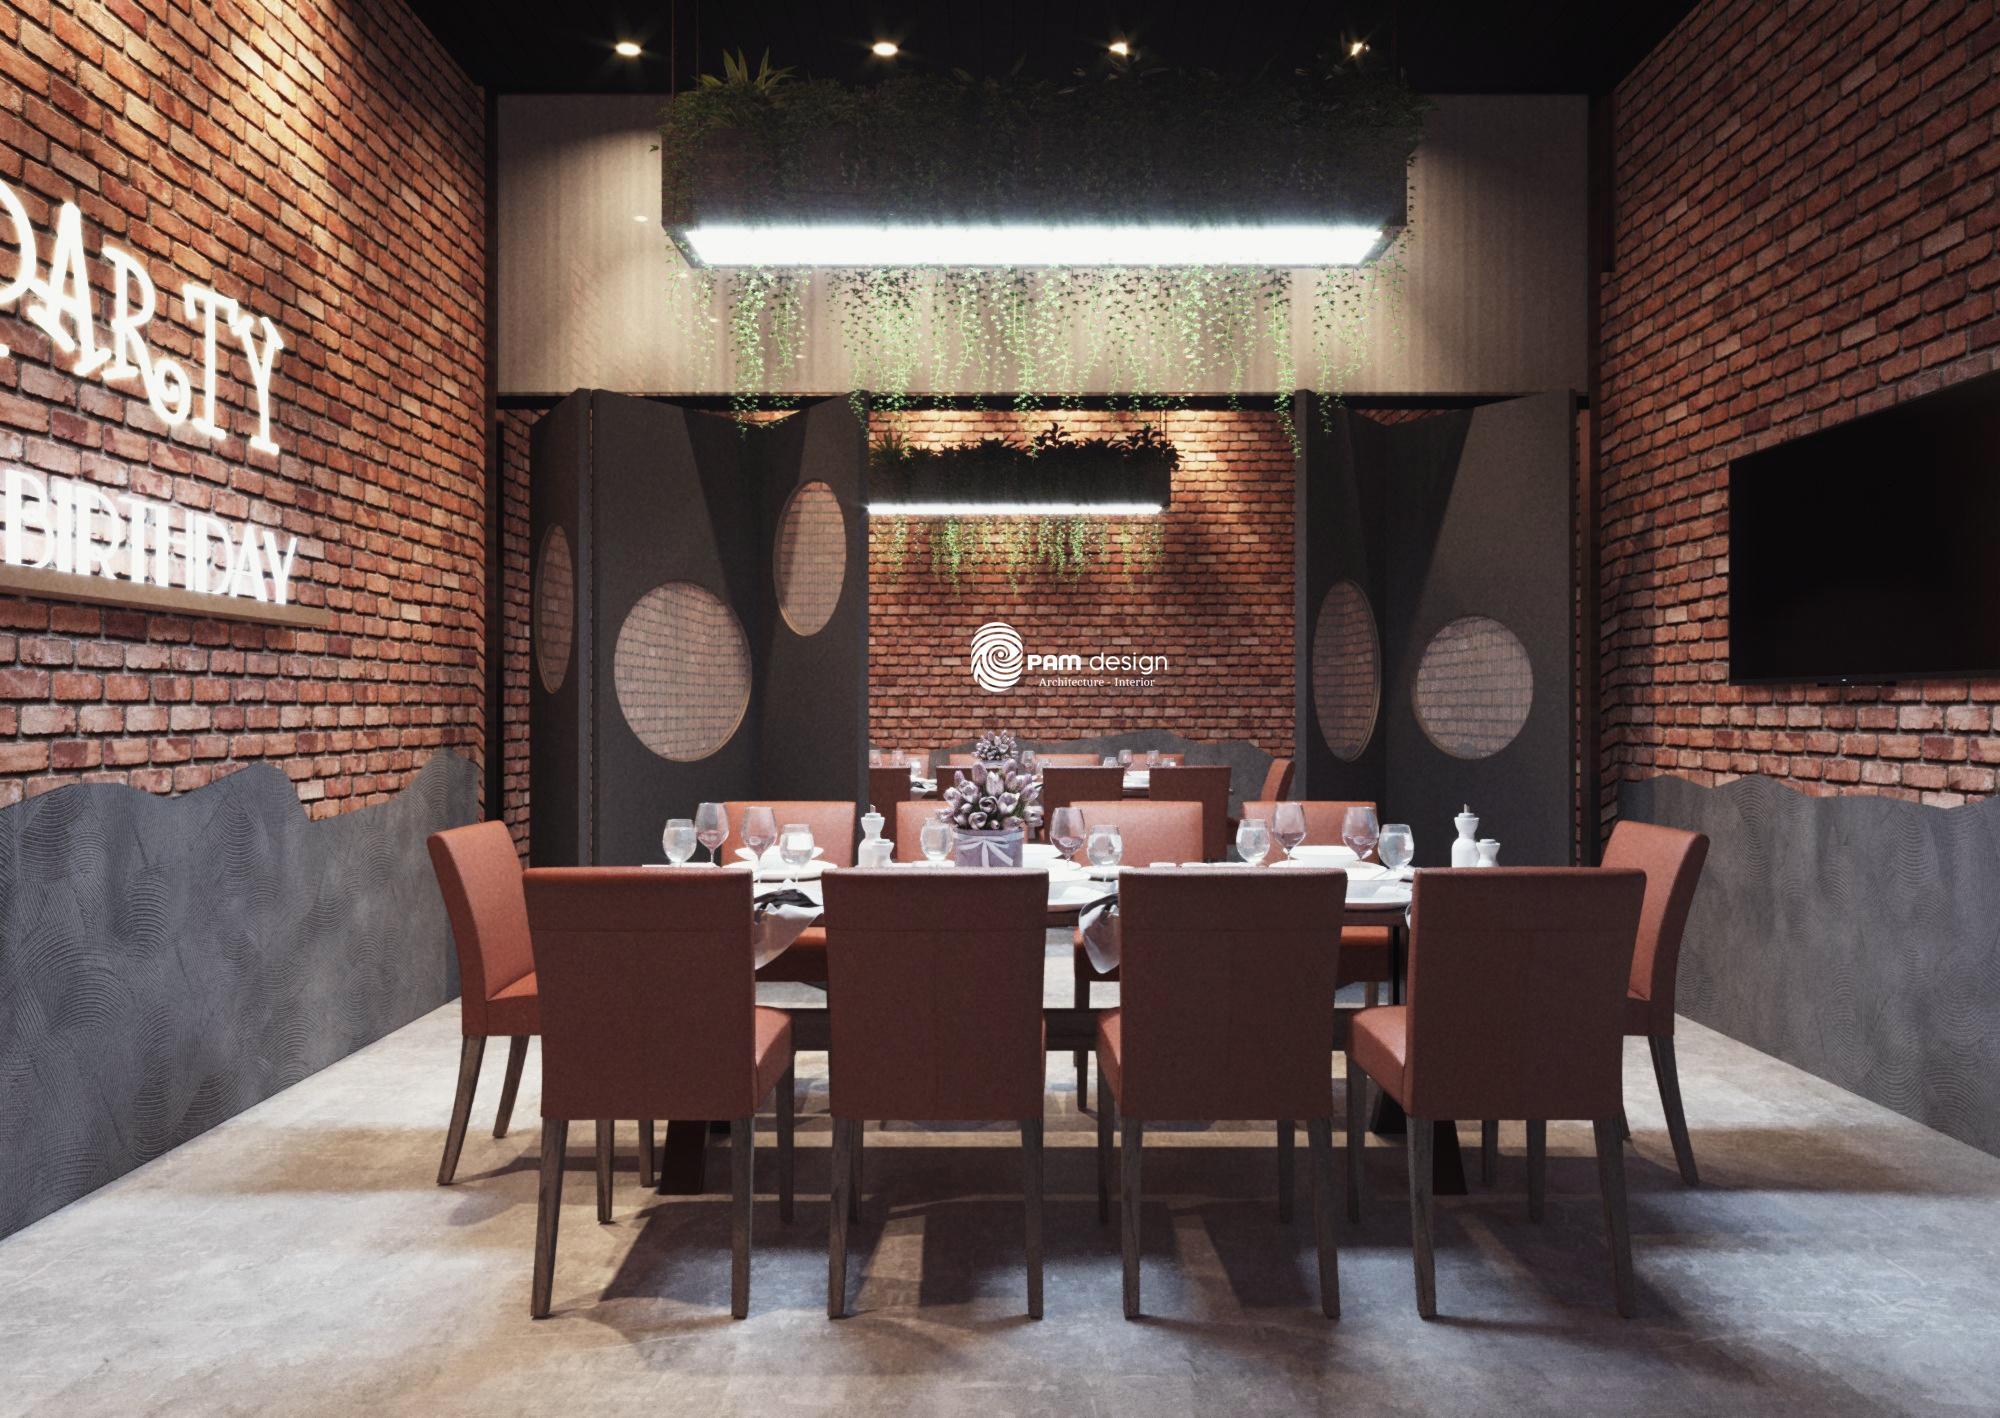 thiết kế nội thất Cafe tại Đà Nẵng Quán nhậu MẼO 7 1568195499